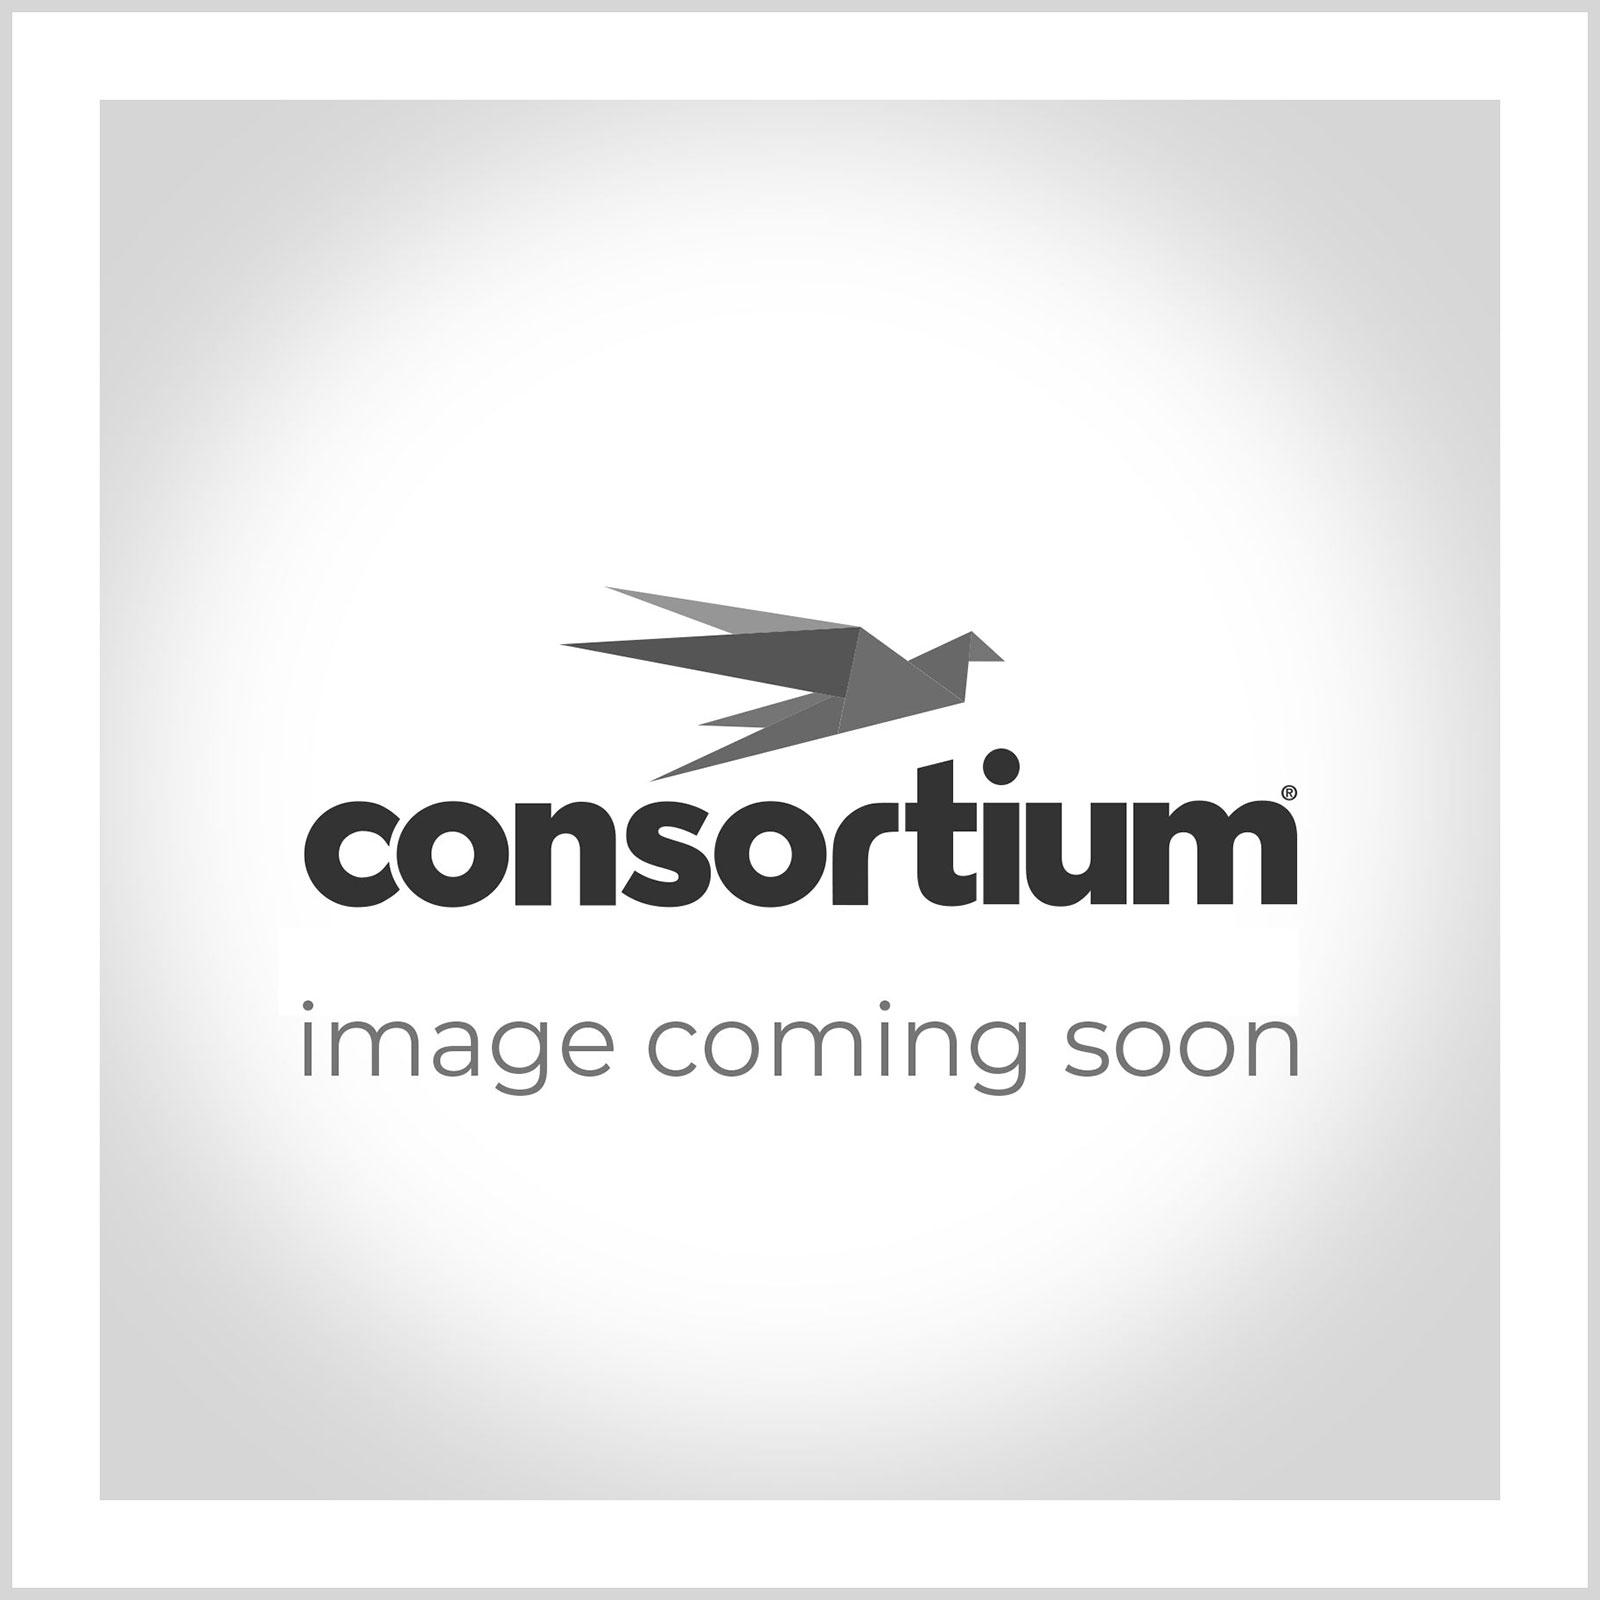 Consortium Easy-Grip Triangular Colouring Pencils